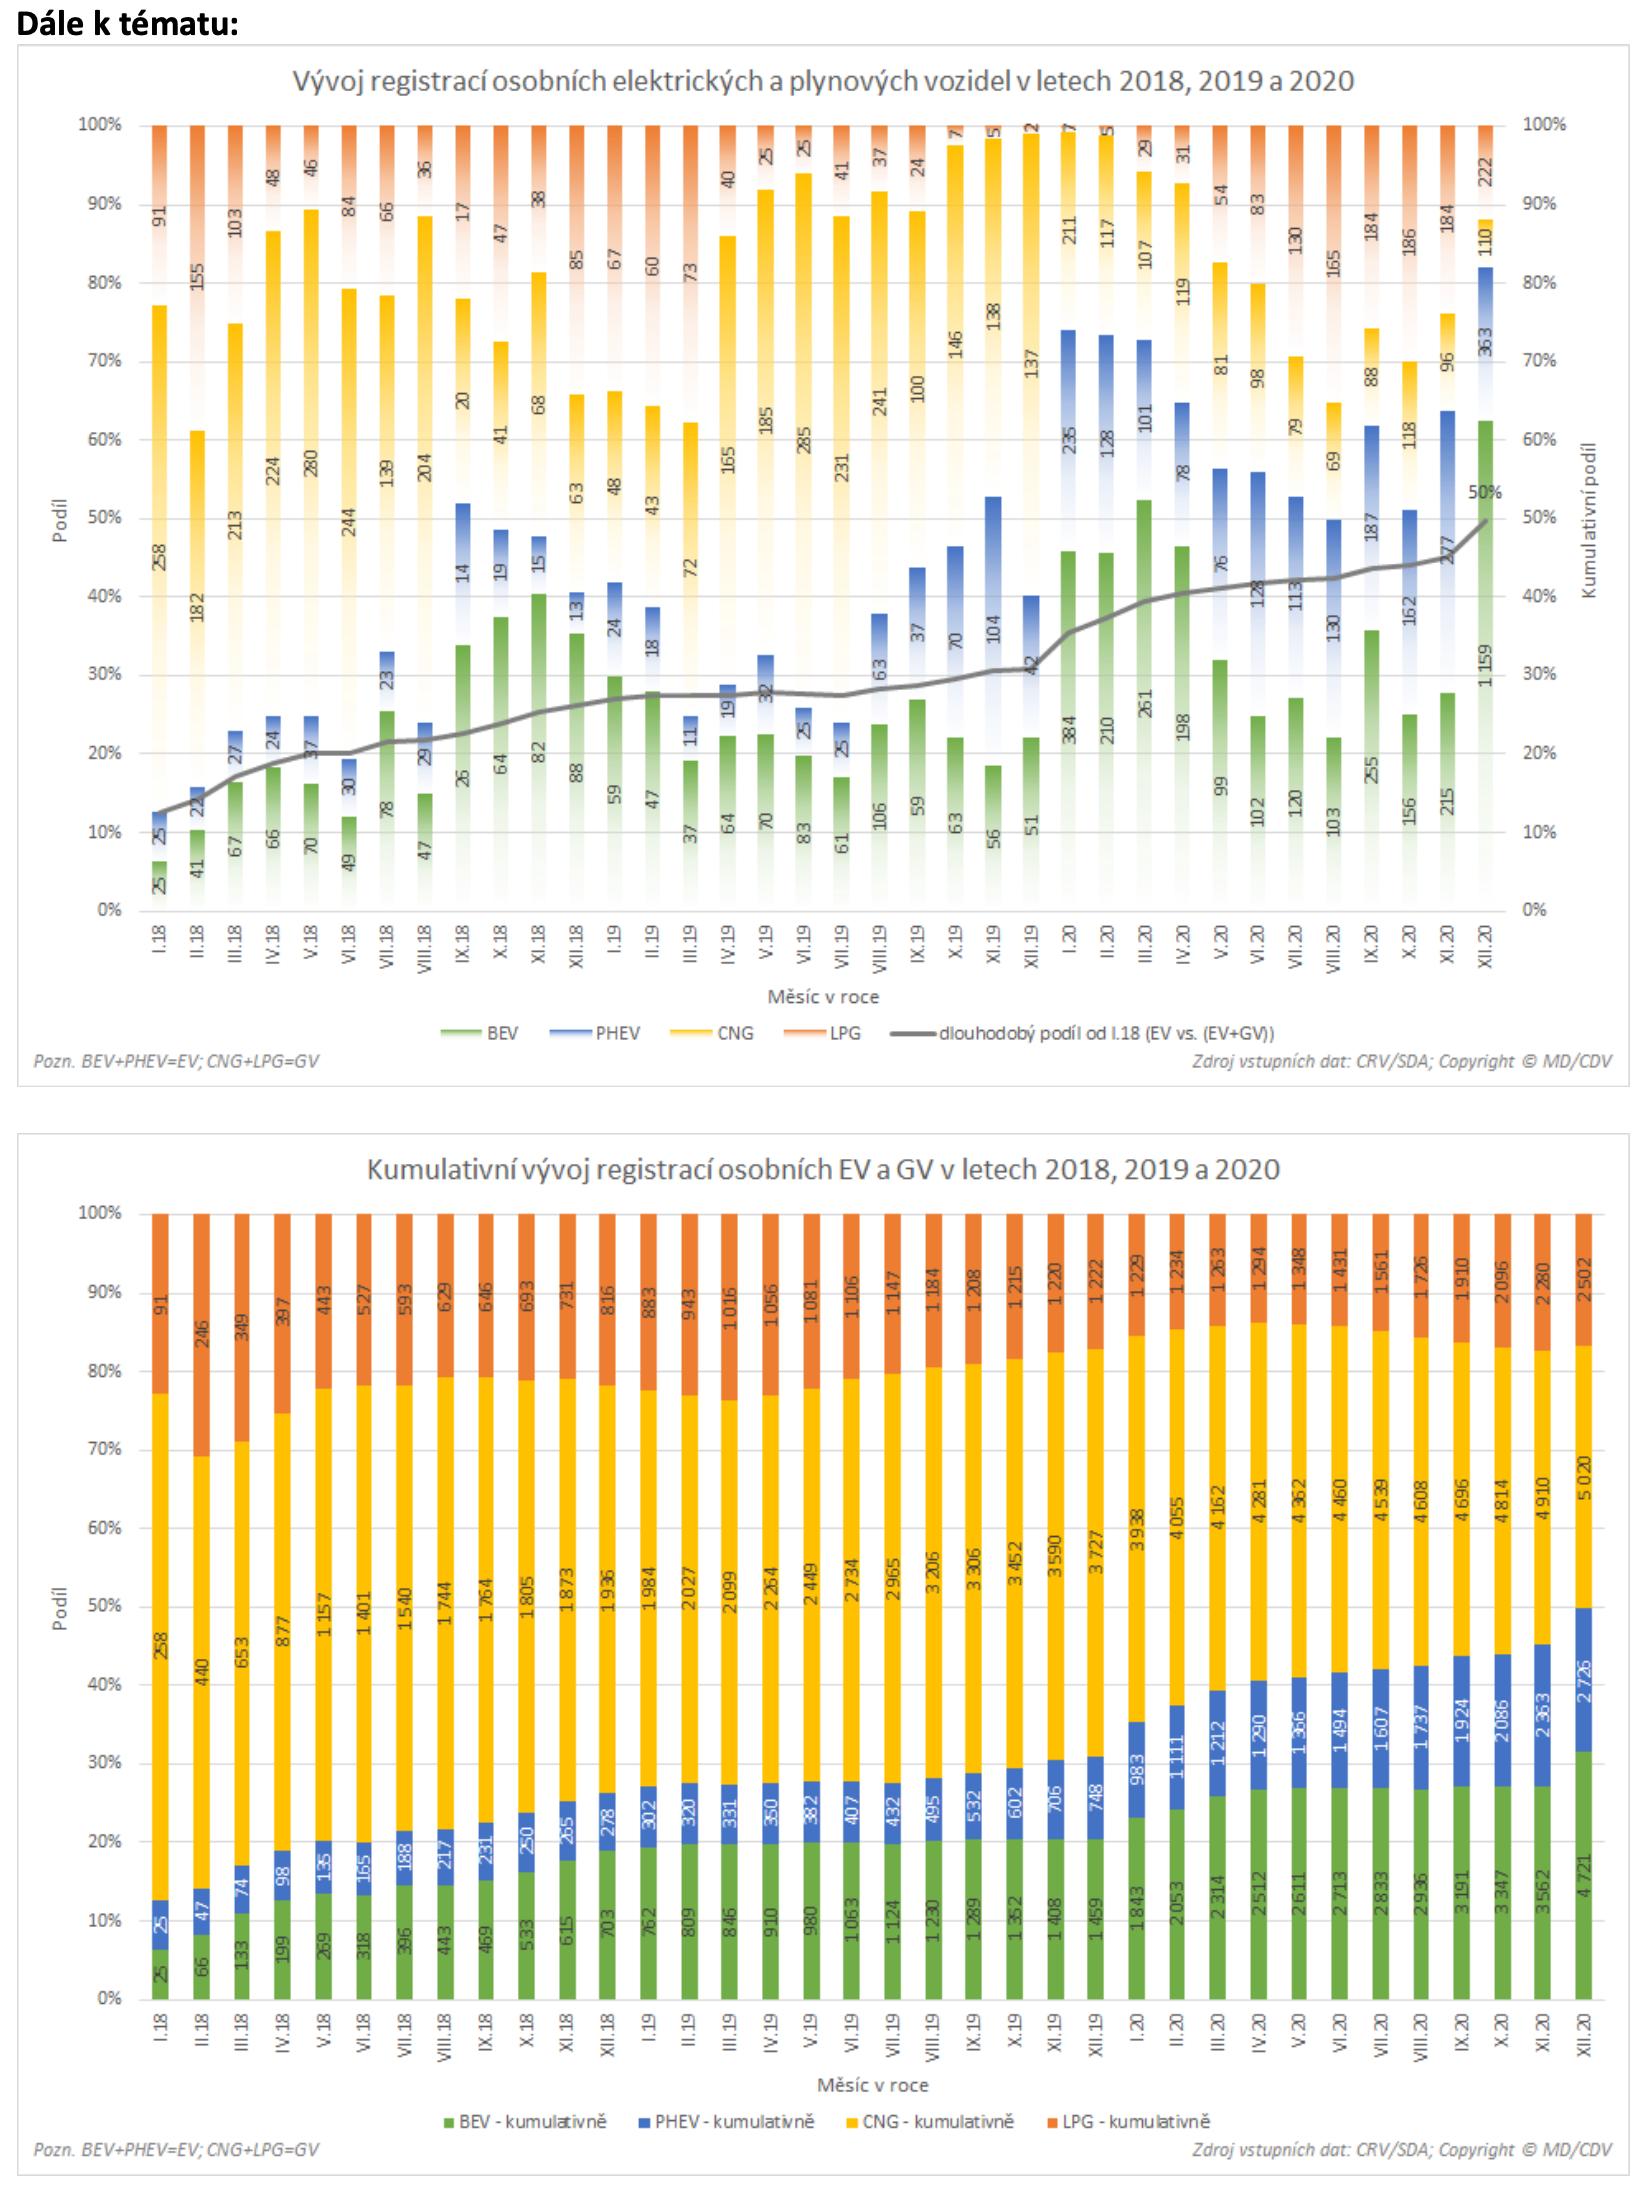 TZ: V roce 2020 bylo v ČR registrováno přes 5 tisíc nových osobních elektrických vozidel 05